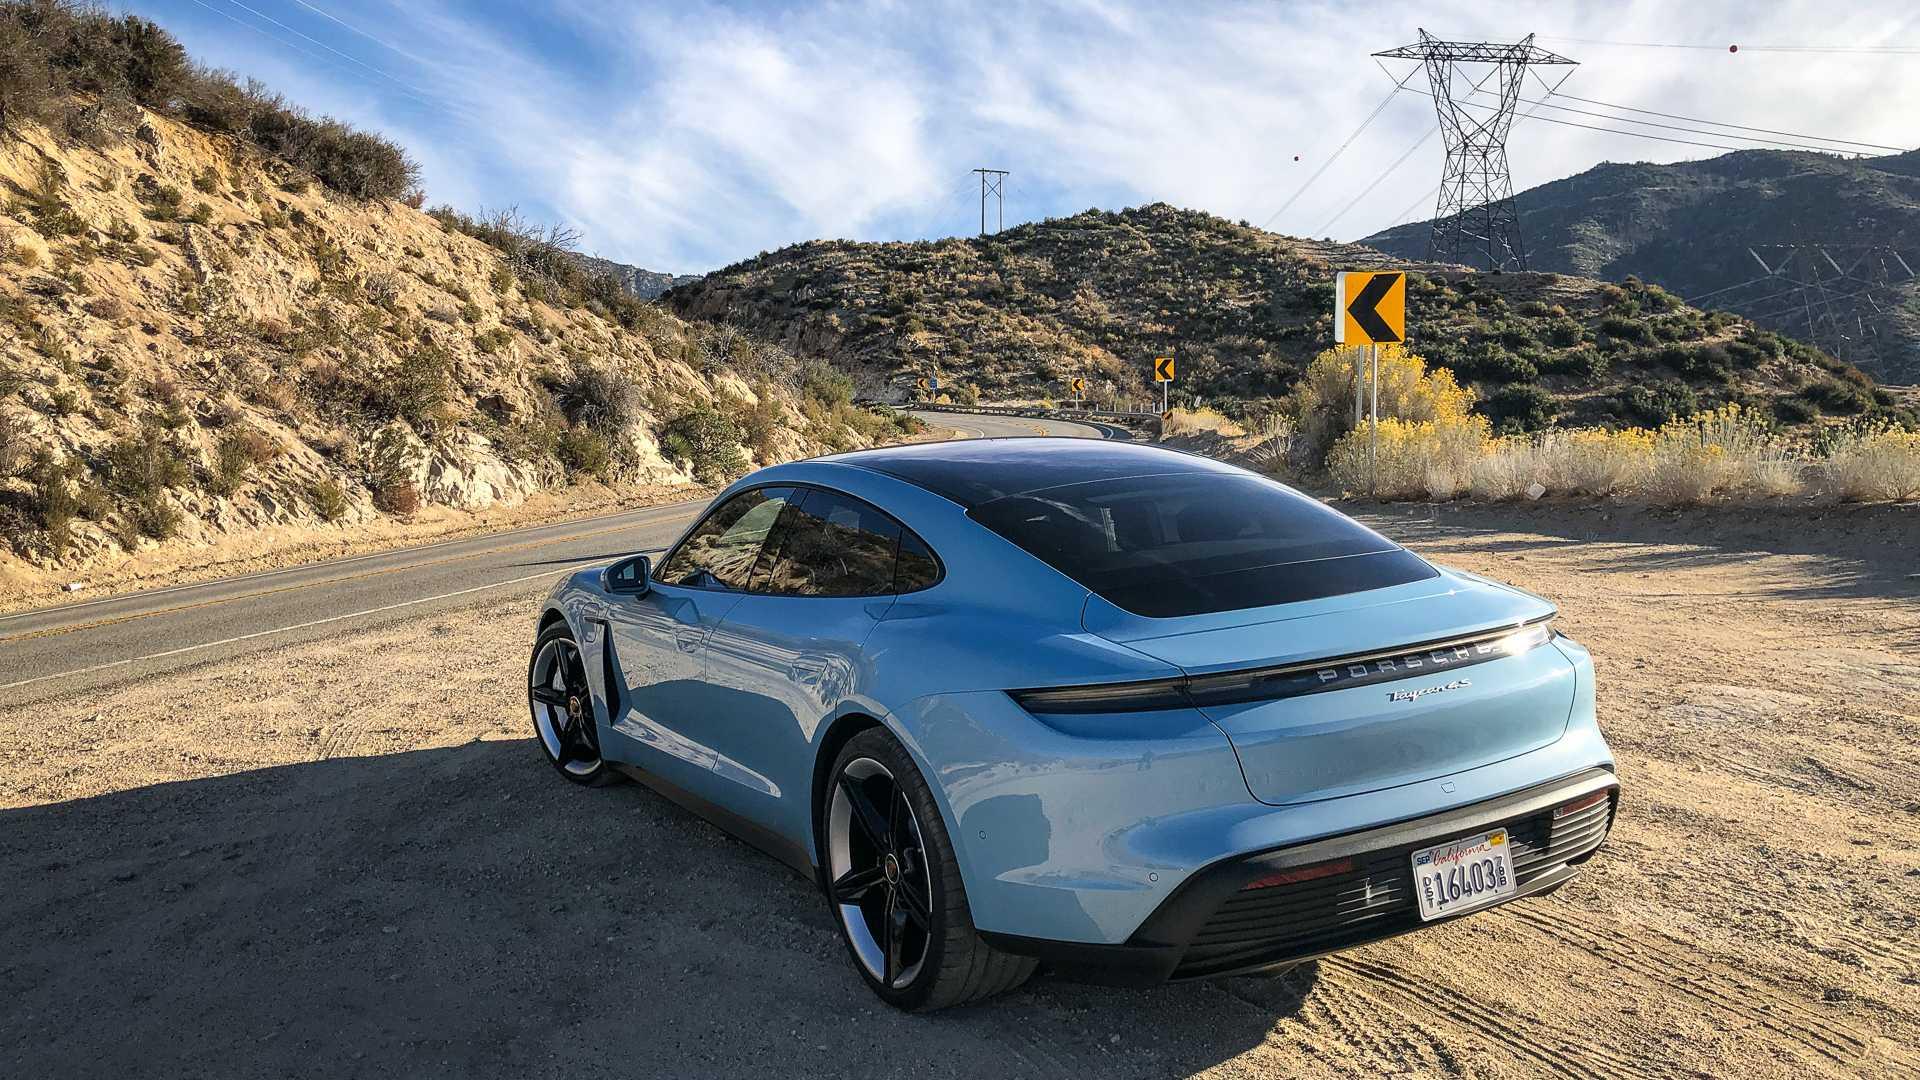 Продажи Porsche Taycan в США замедлились